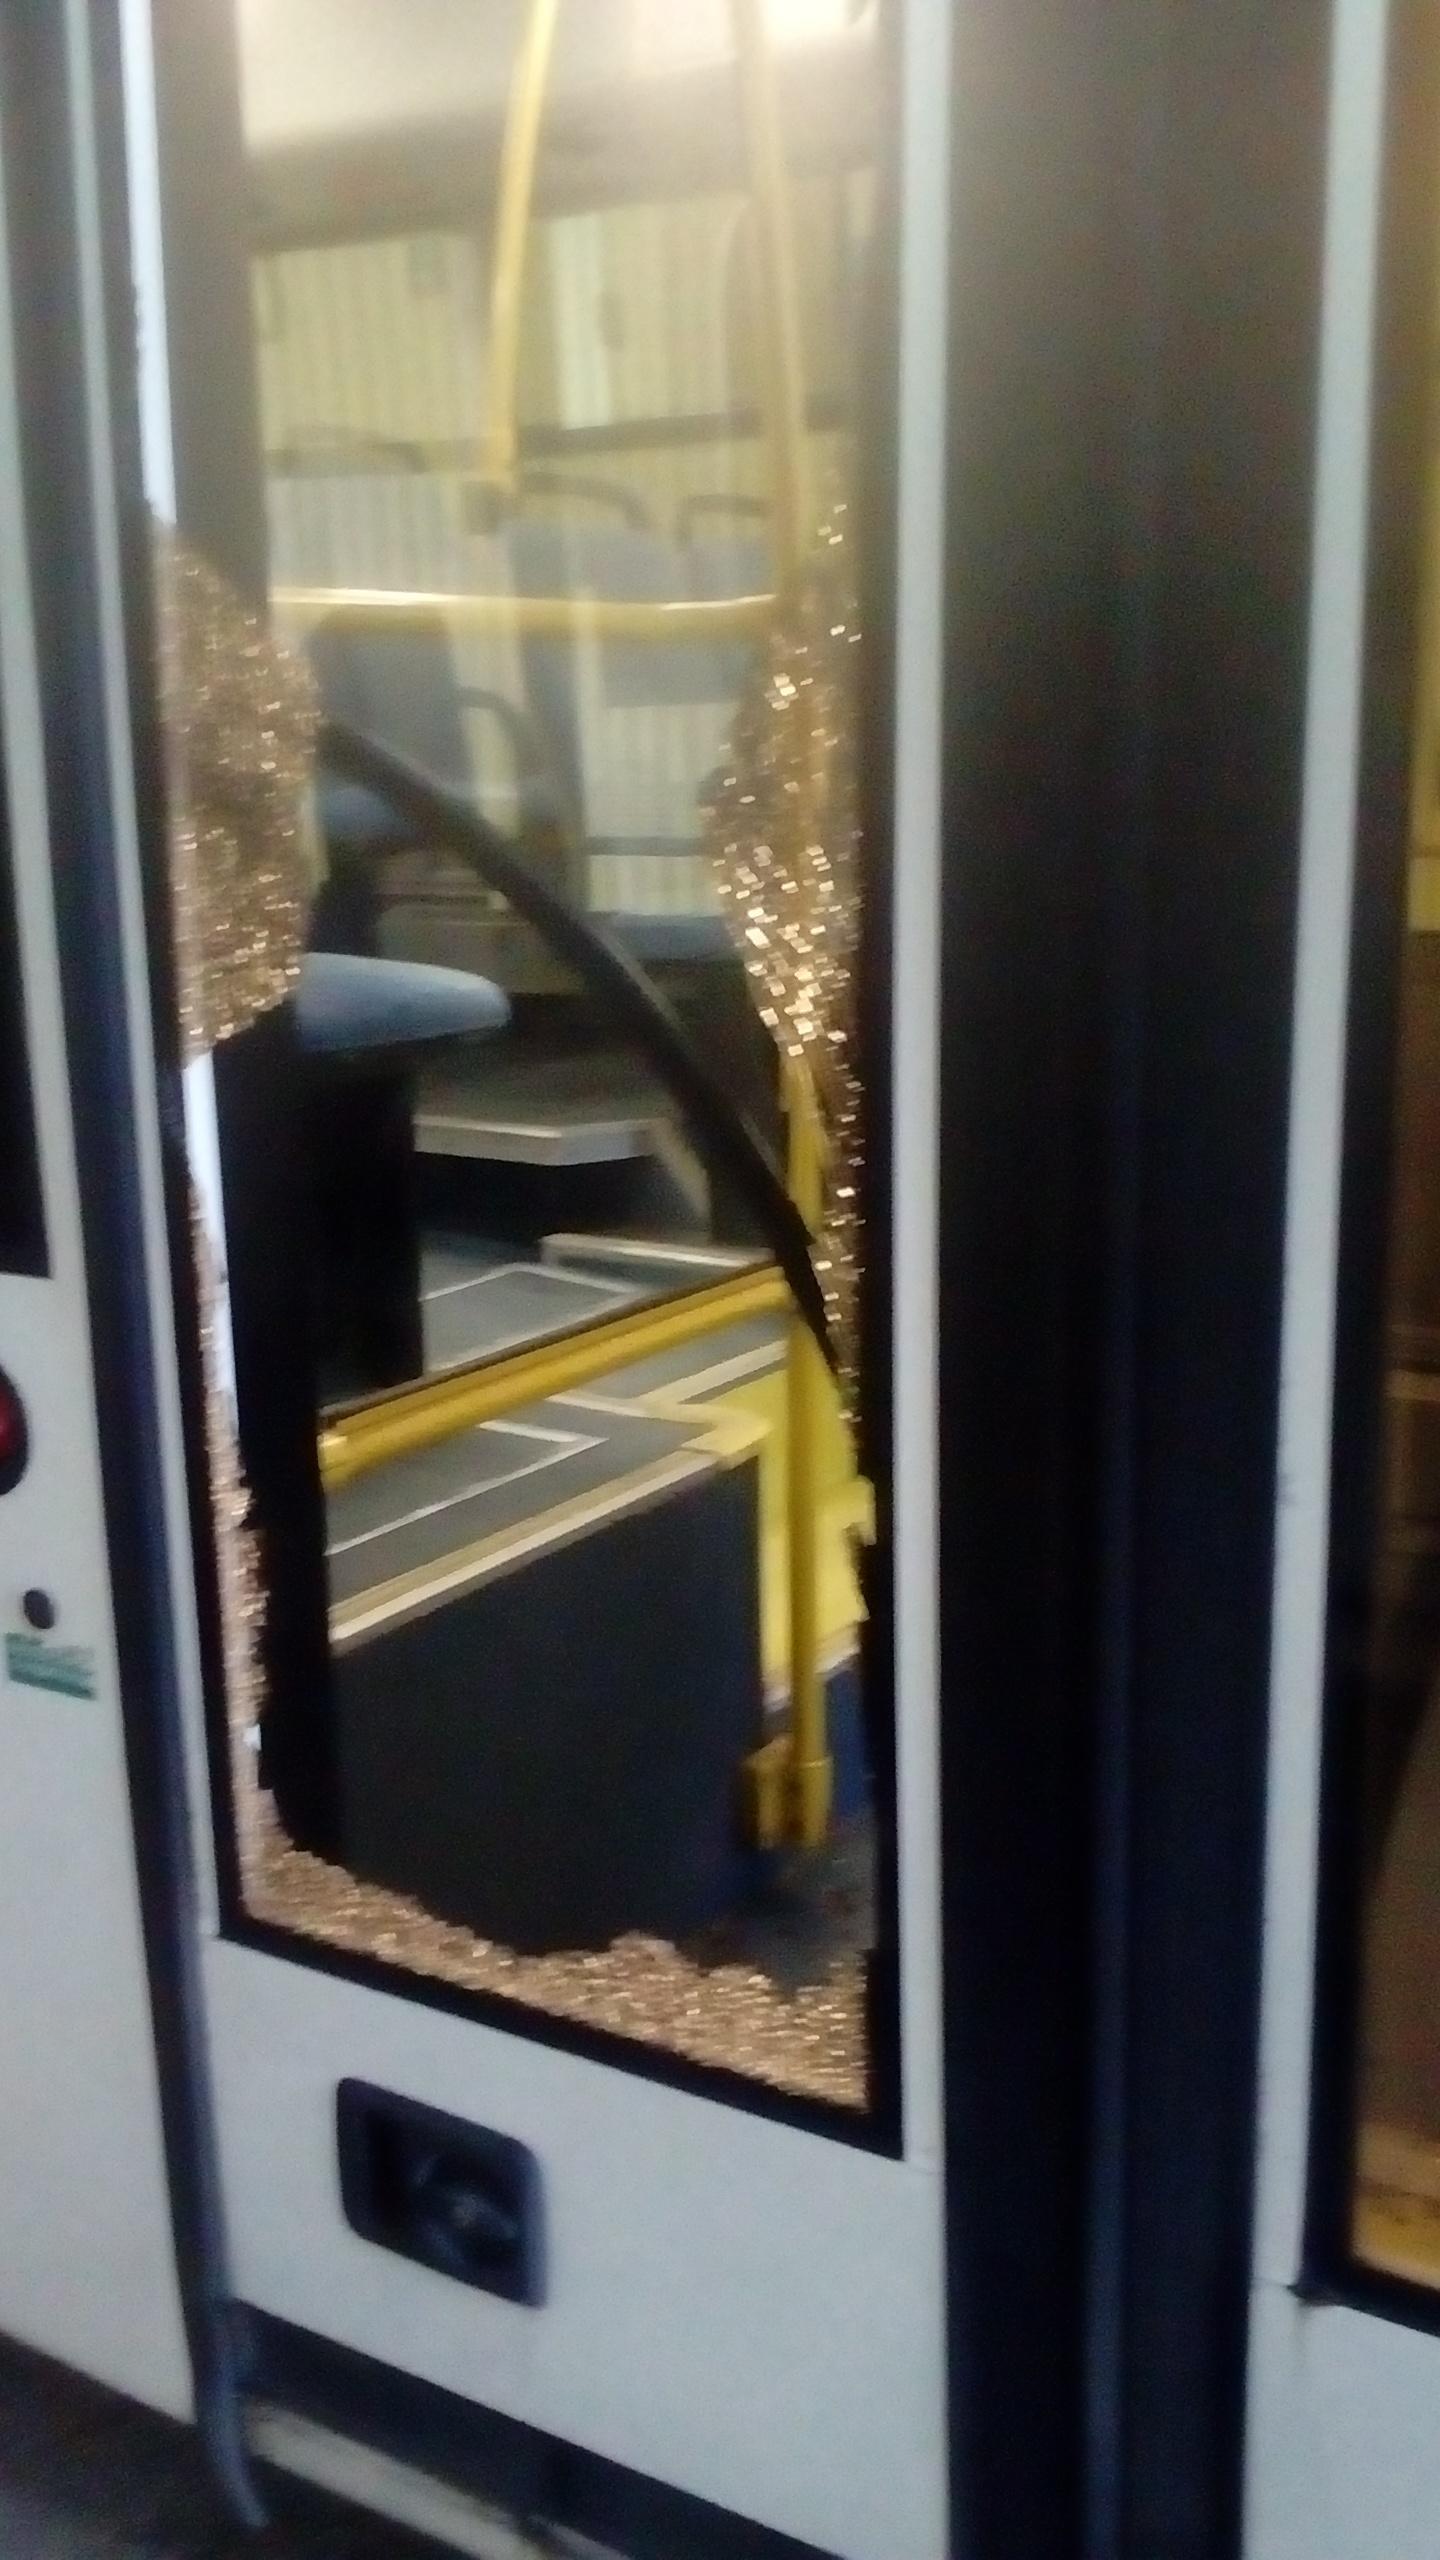 Так выглядела дверь автобуса после выстрела